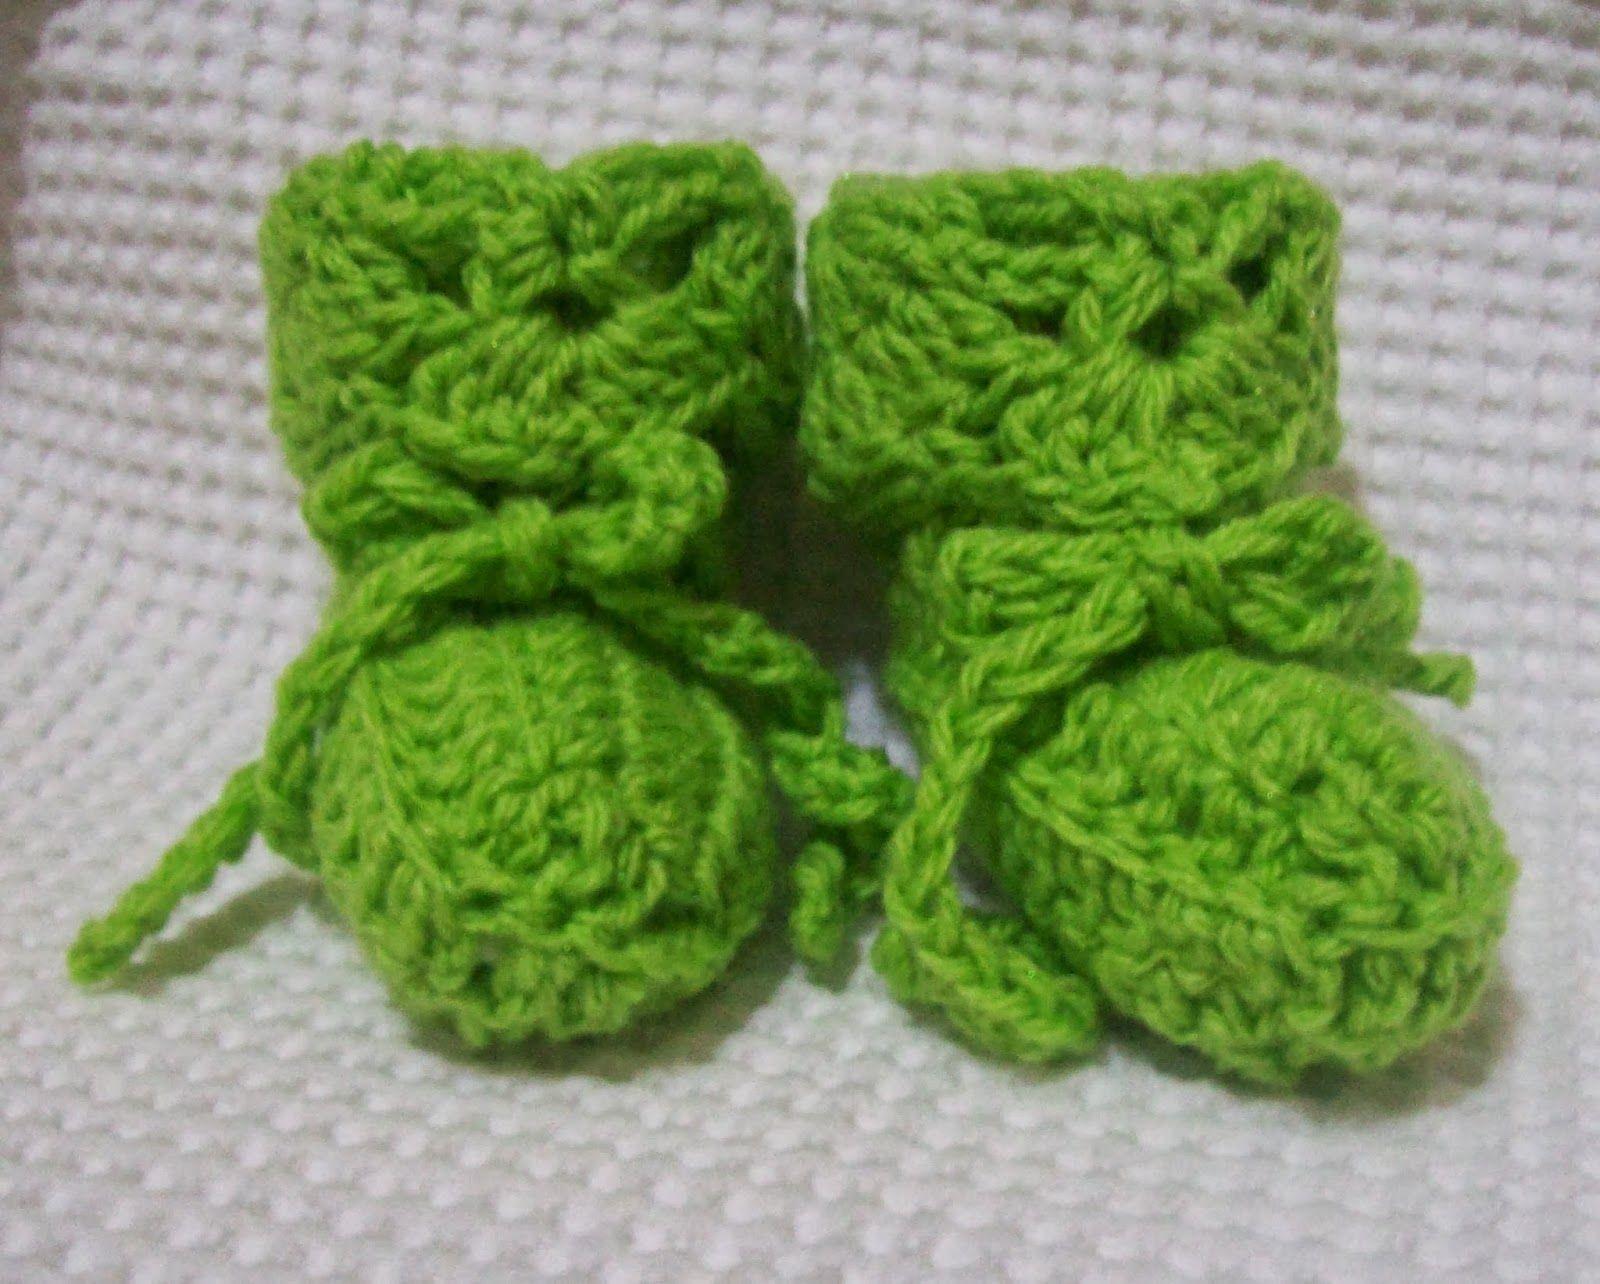 Cats-Rockin-Crochet Free Crochet Patterns: The Shy Butterfly Baby ...